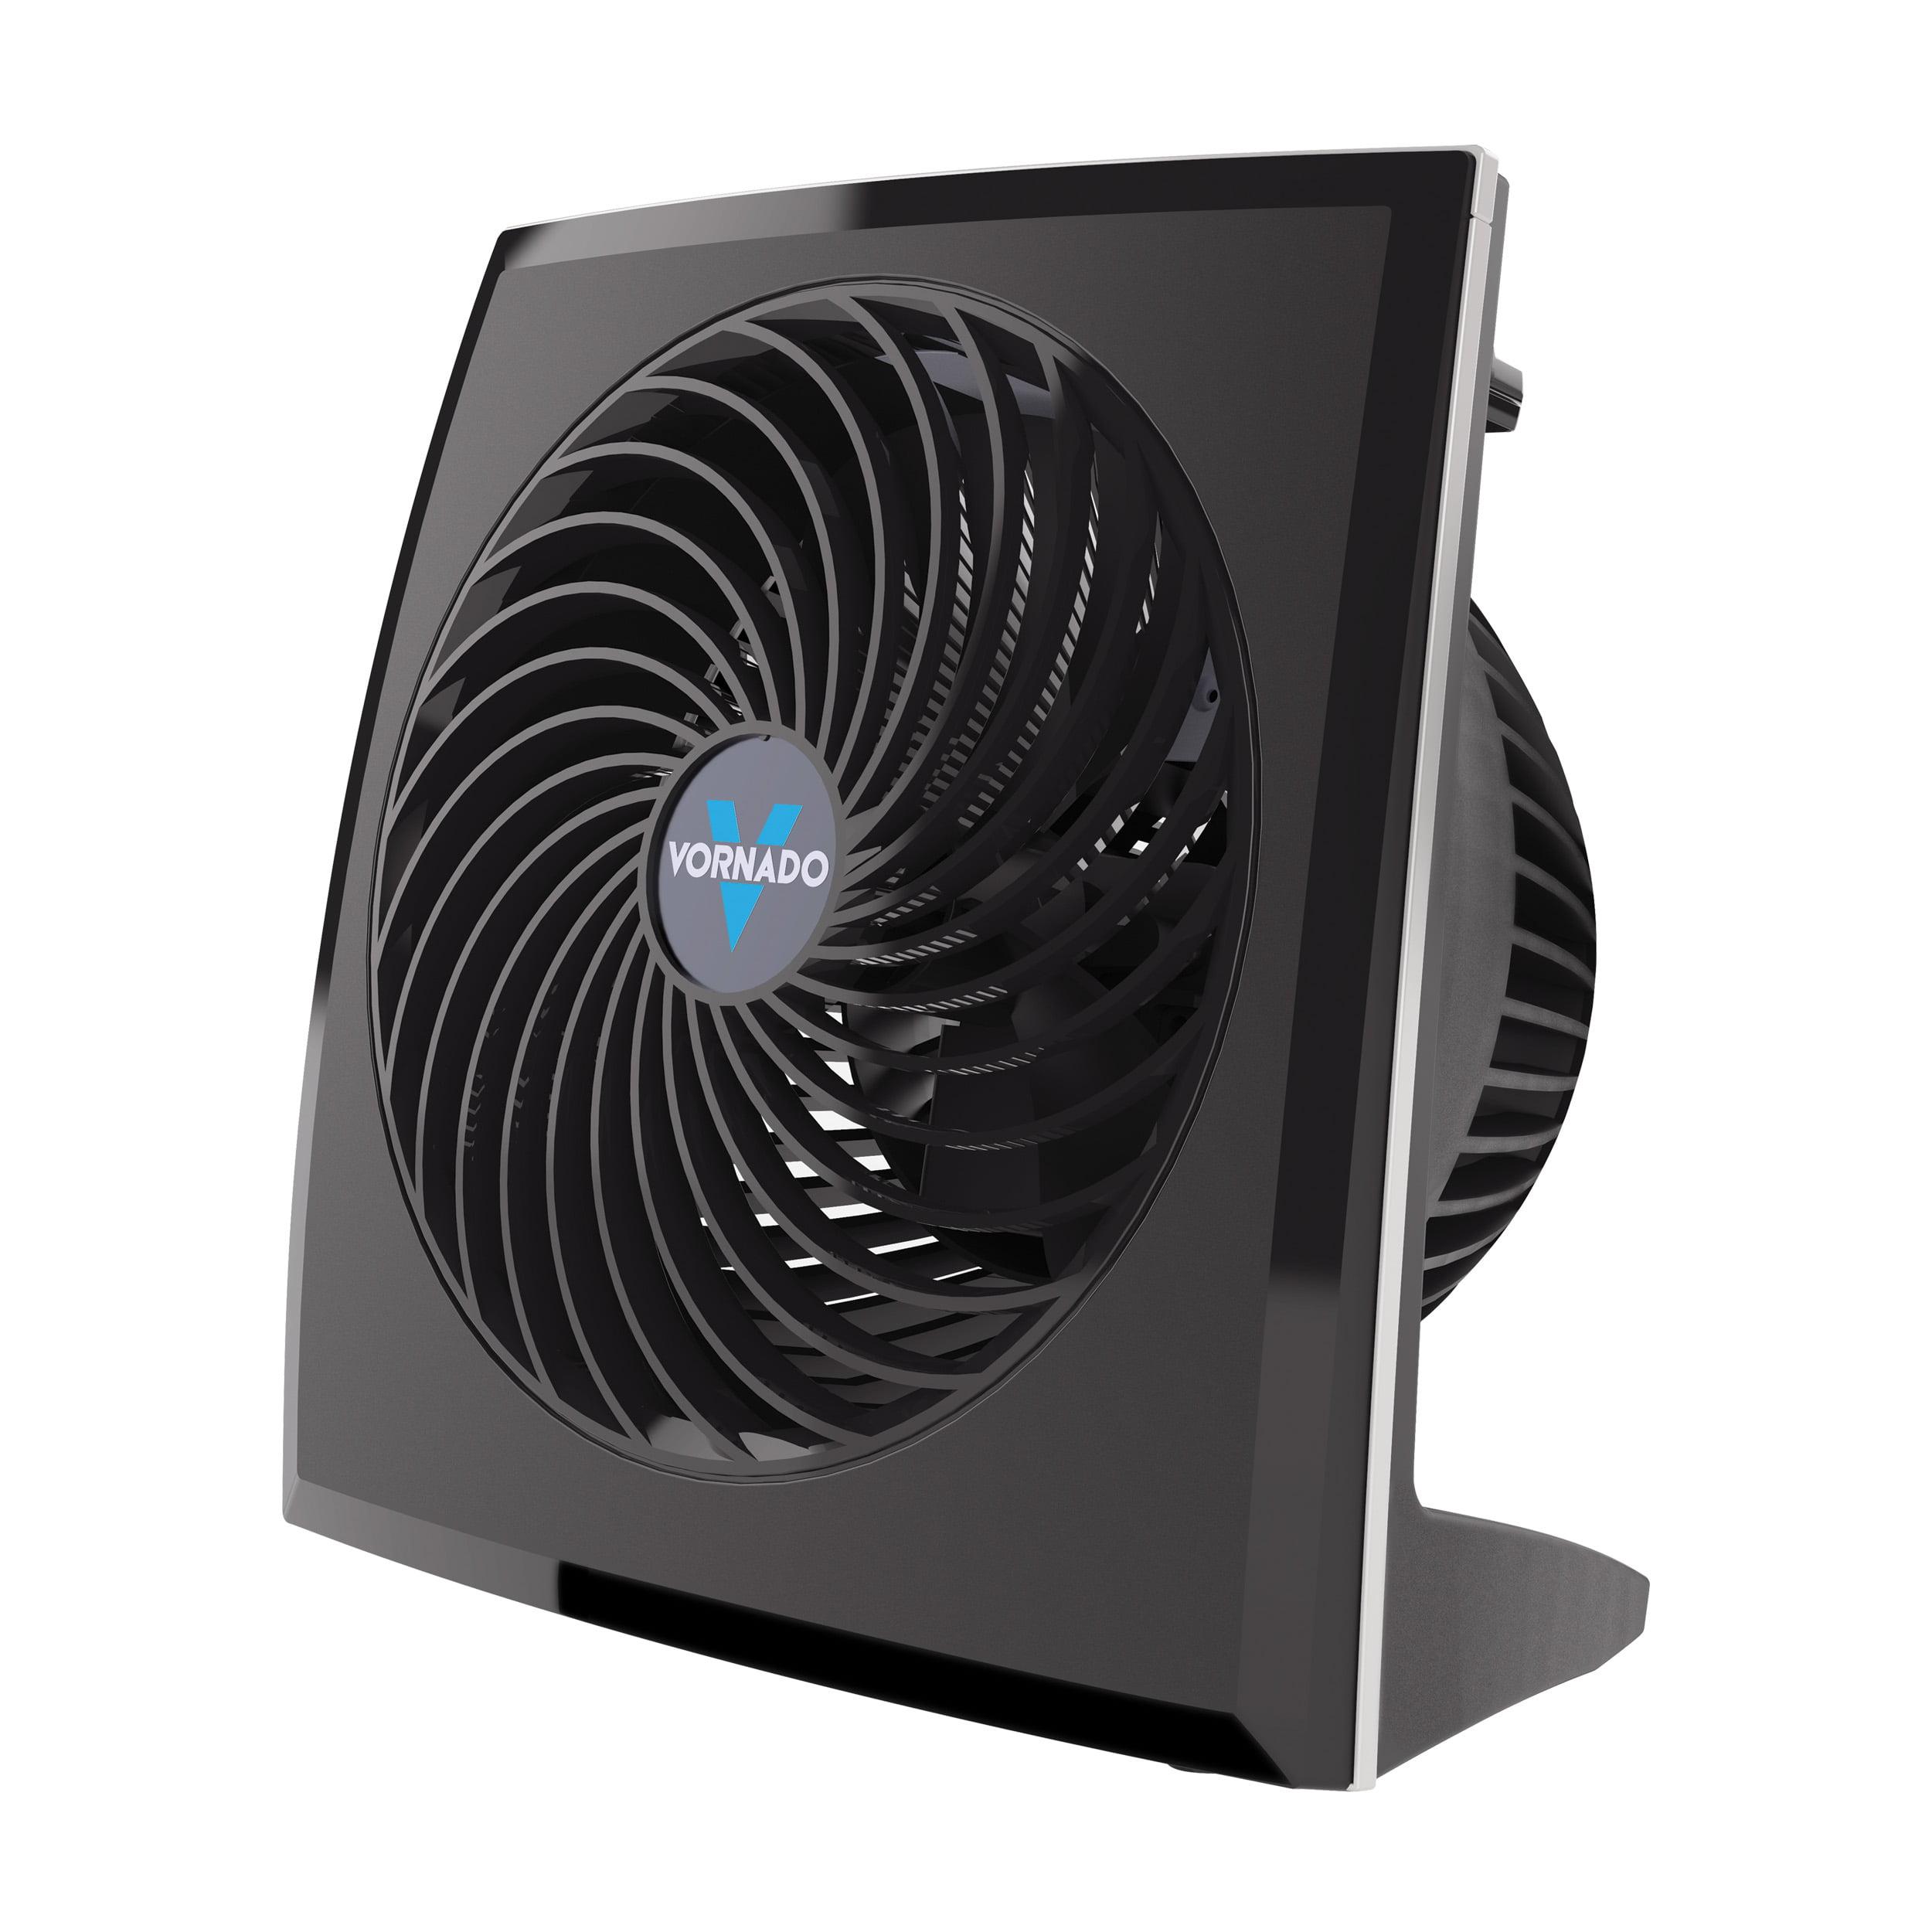 Vornado 573 Compact Panel Whole Room Air Circulator Fan